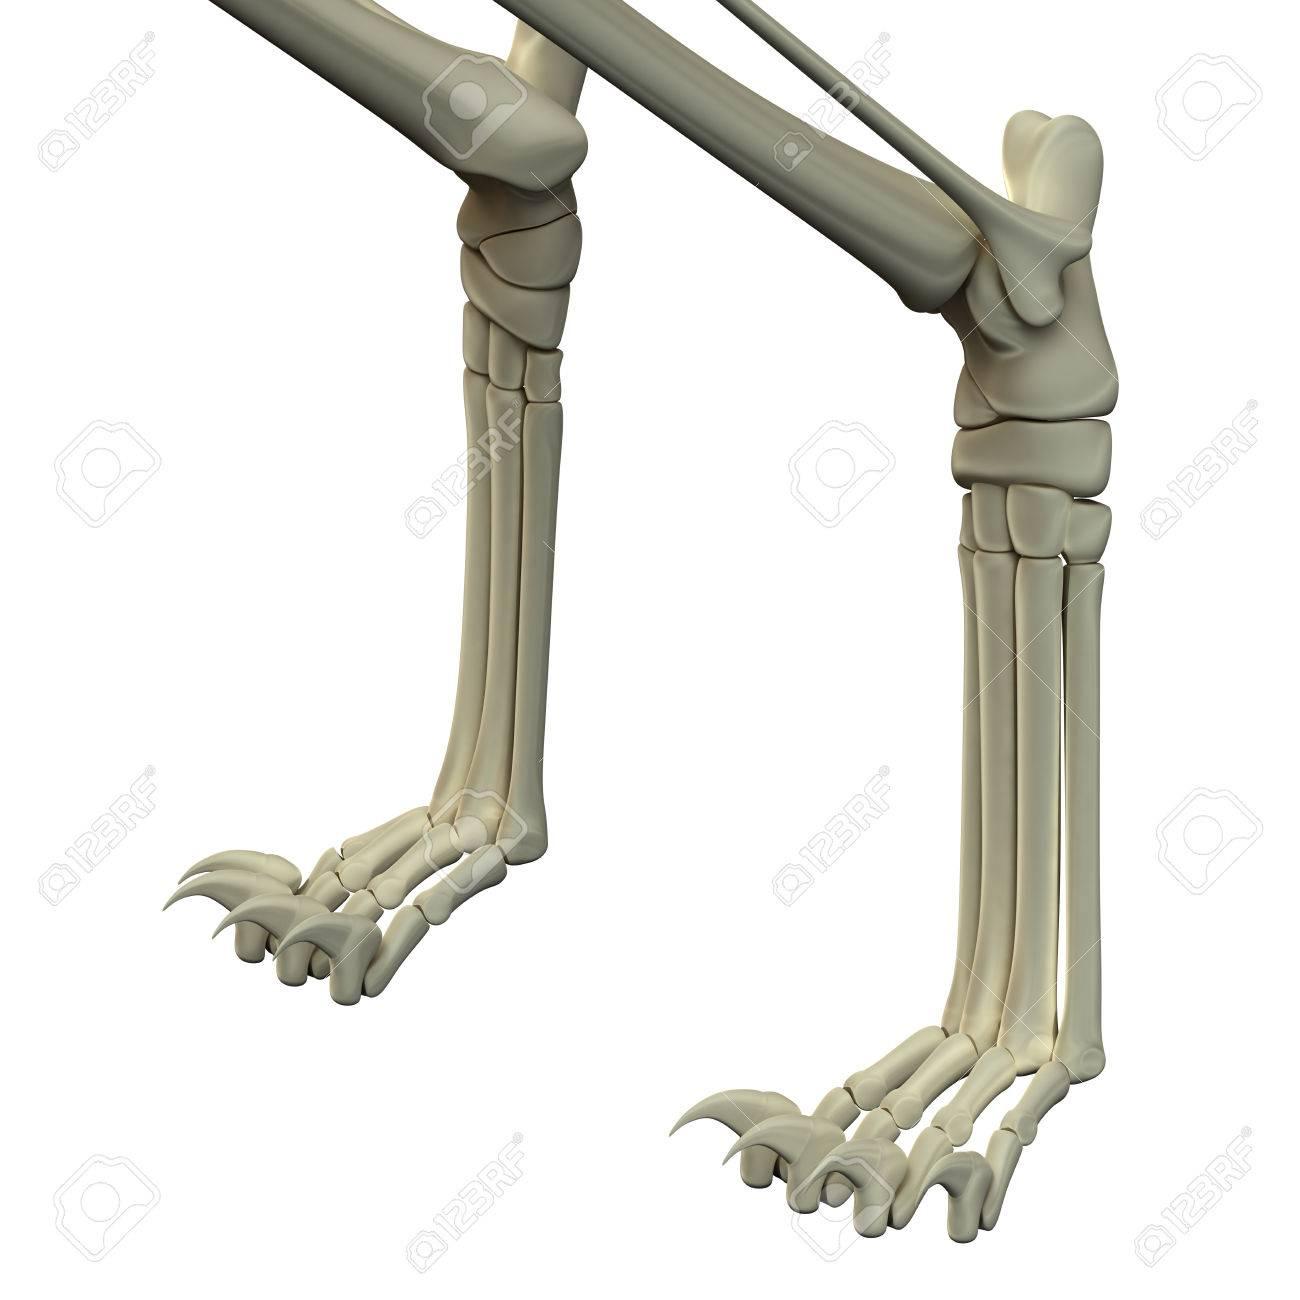 Gato Patas Delanteras Anatomía Huesos Fotos, Retratos, Imágenes Y ...